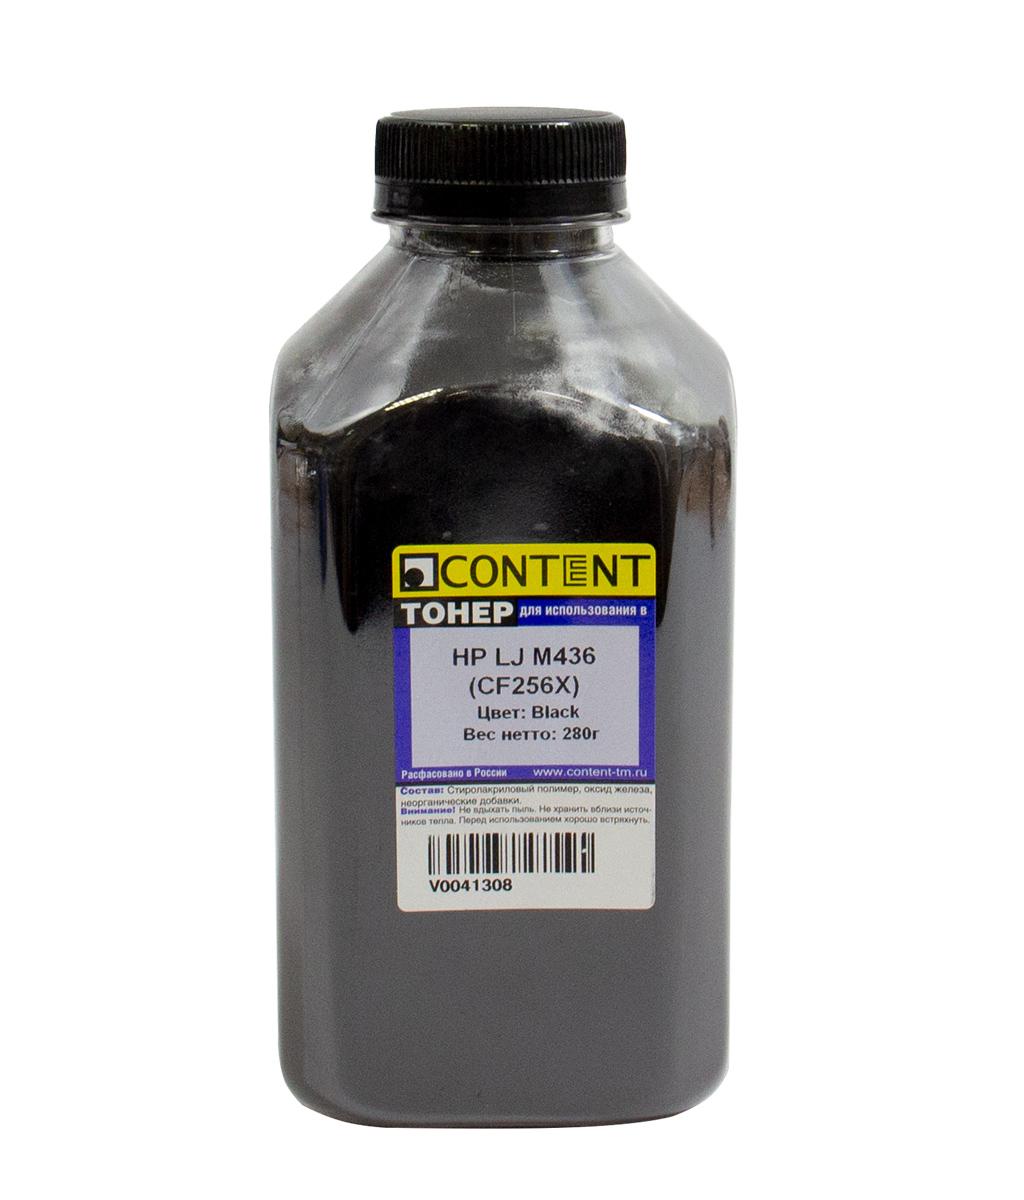 Тонер Content для НP LJ М436 (CF256X), Bk, 280 г, банка